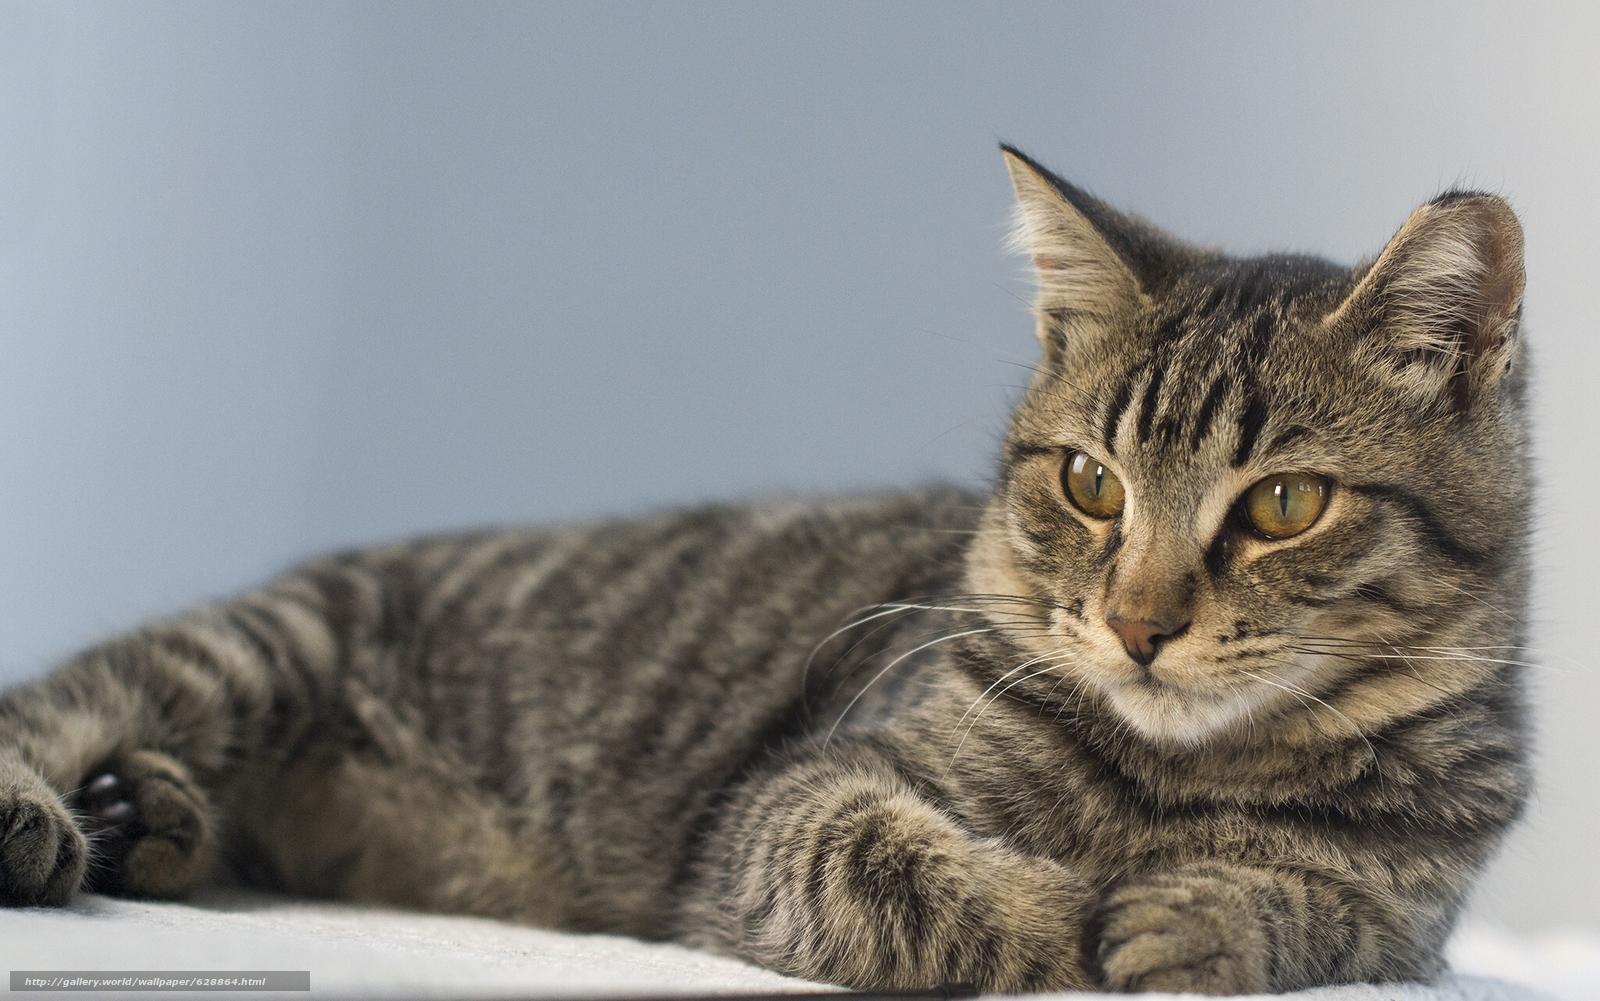 кот, кошка, взгляд, портрет